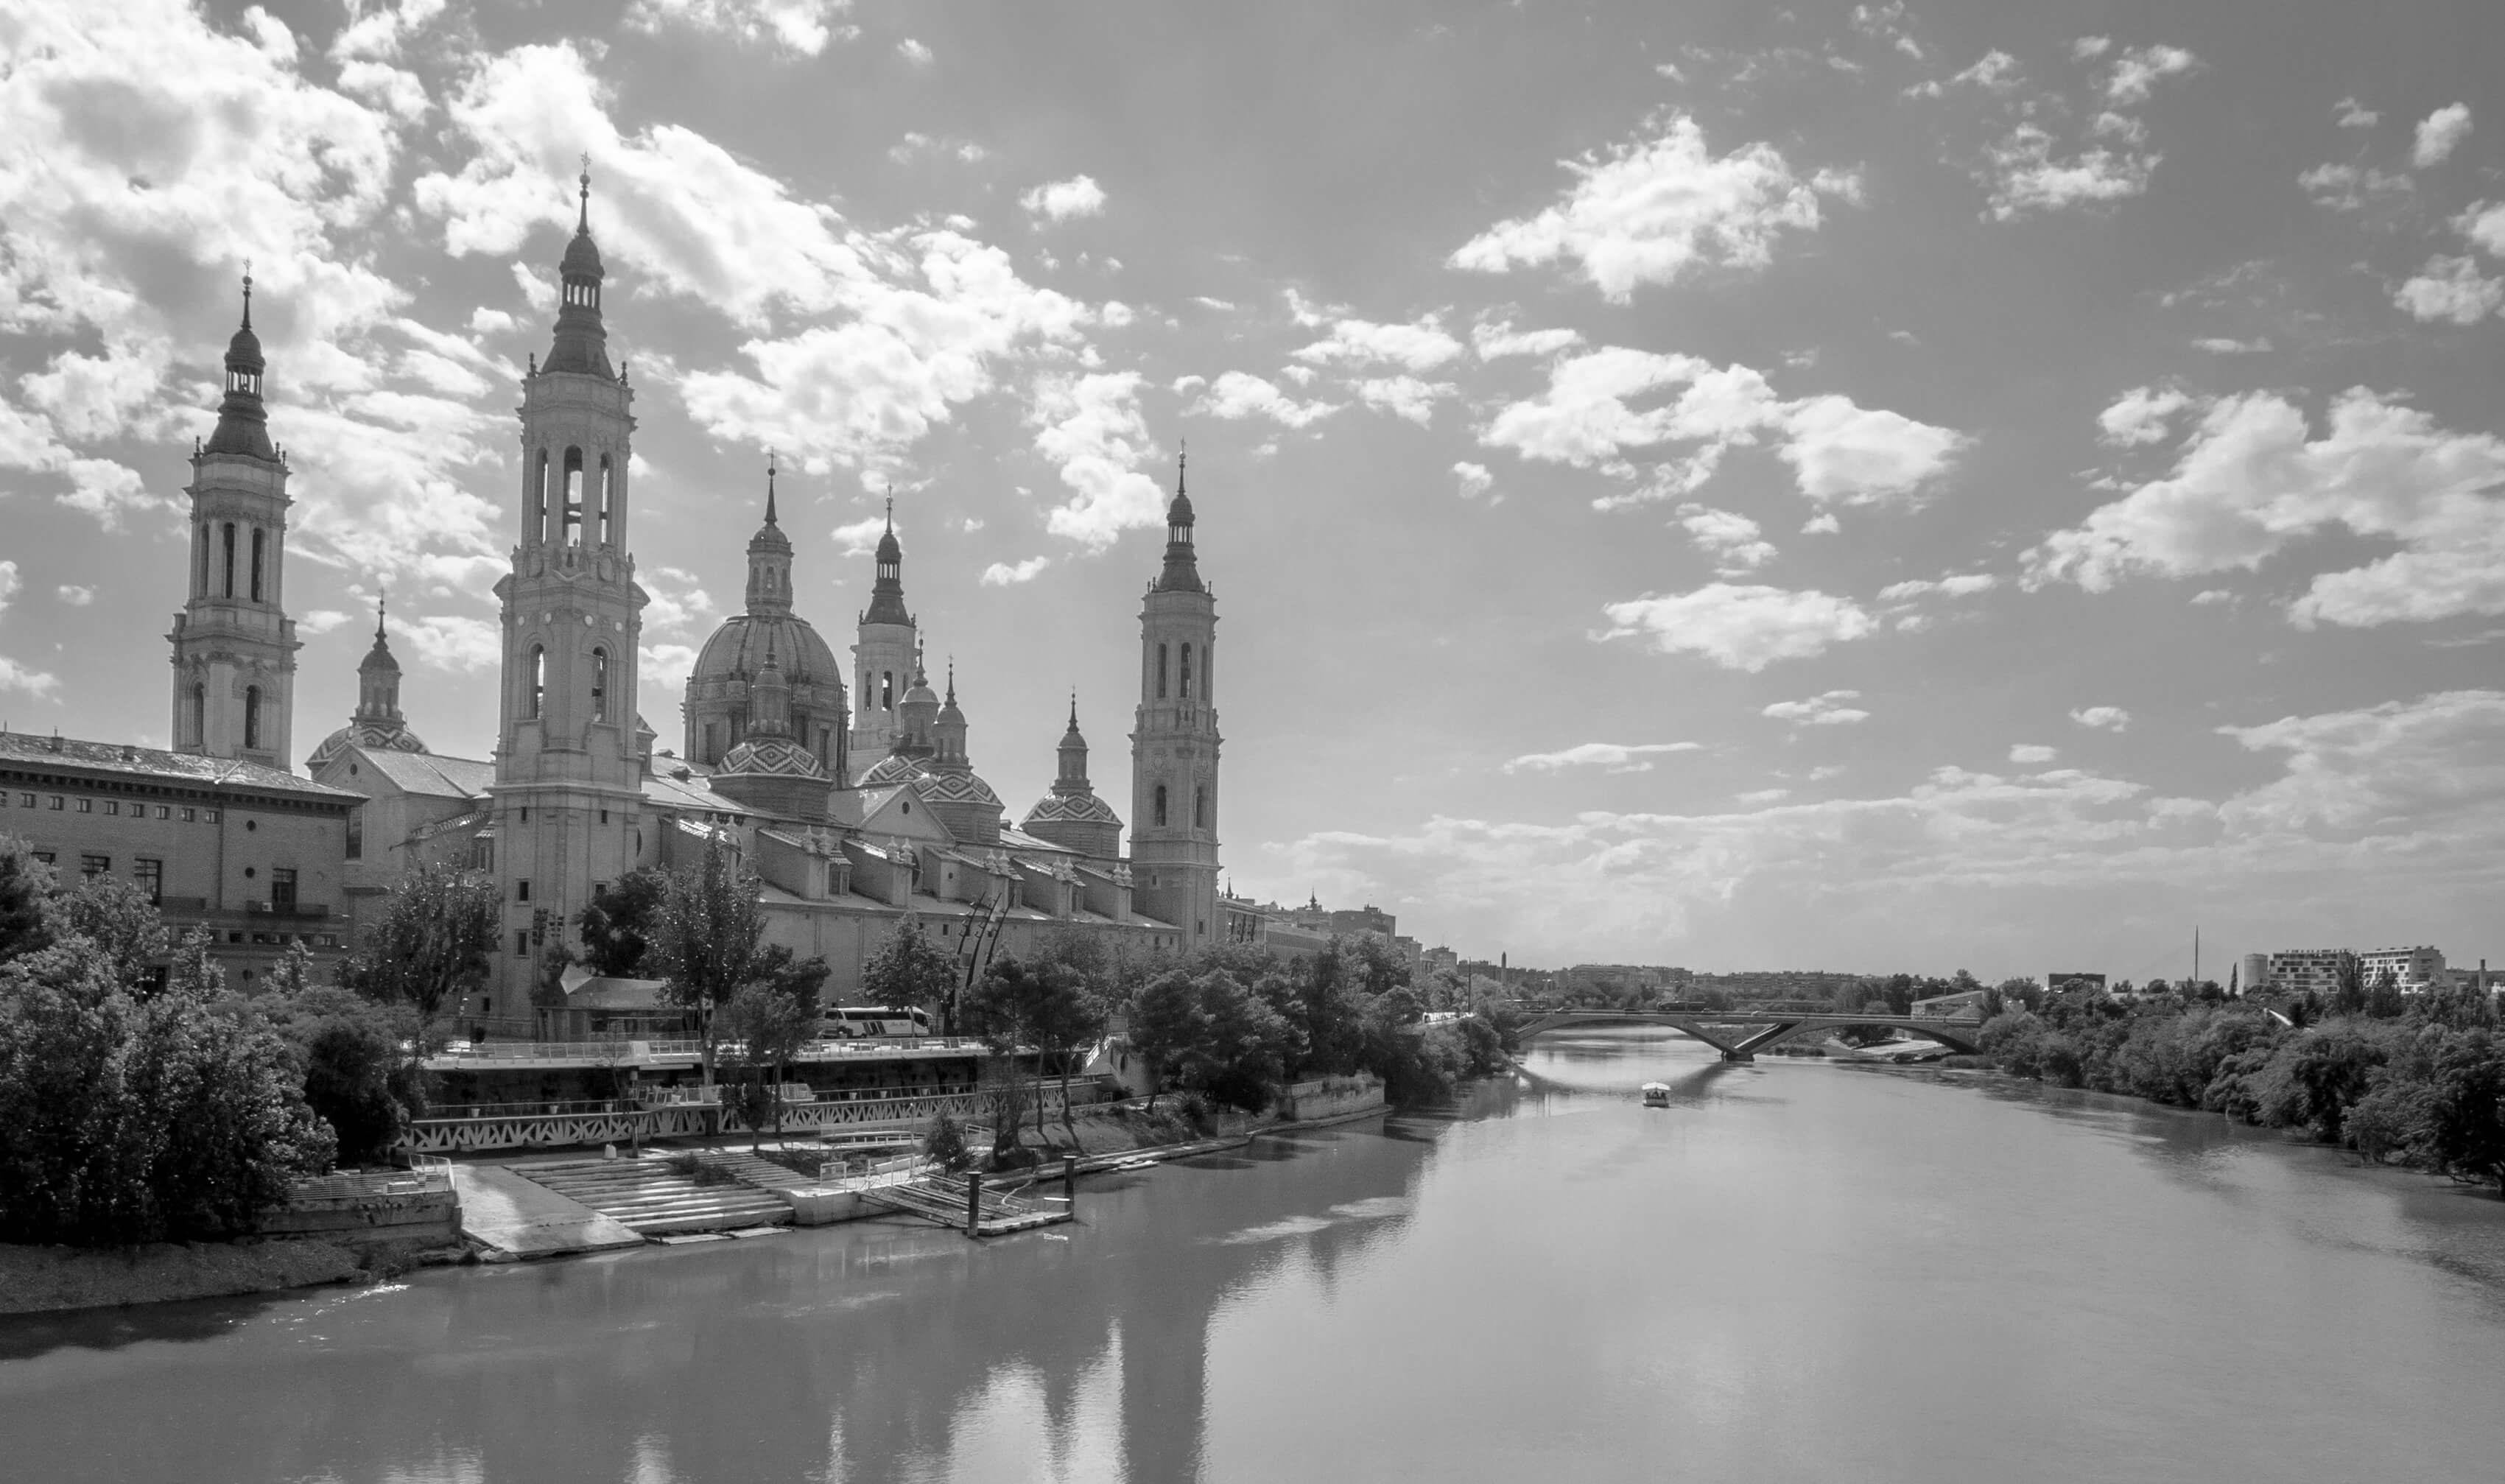 Advantic Zaragoza